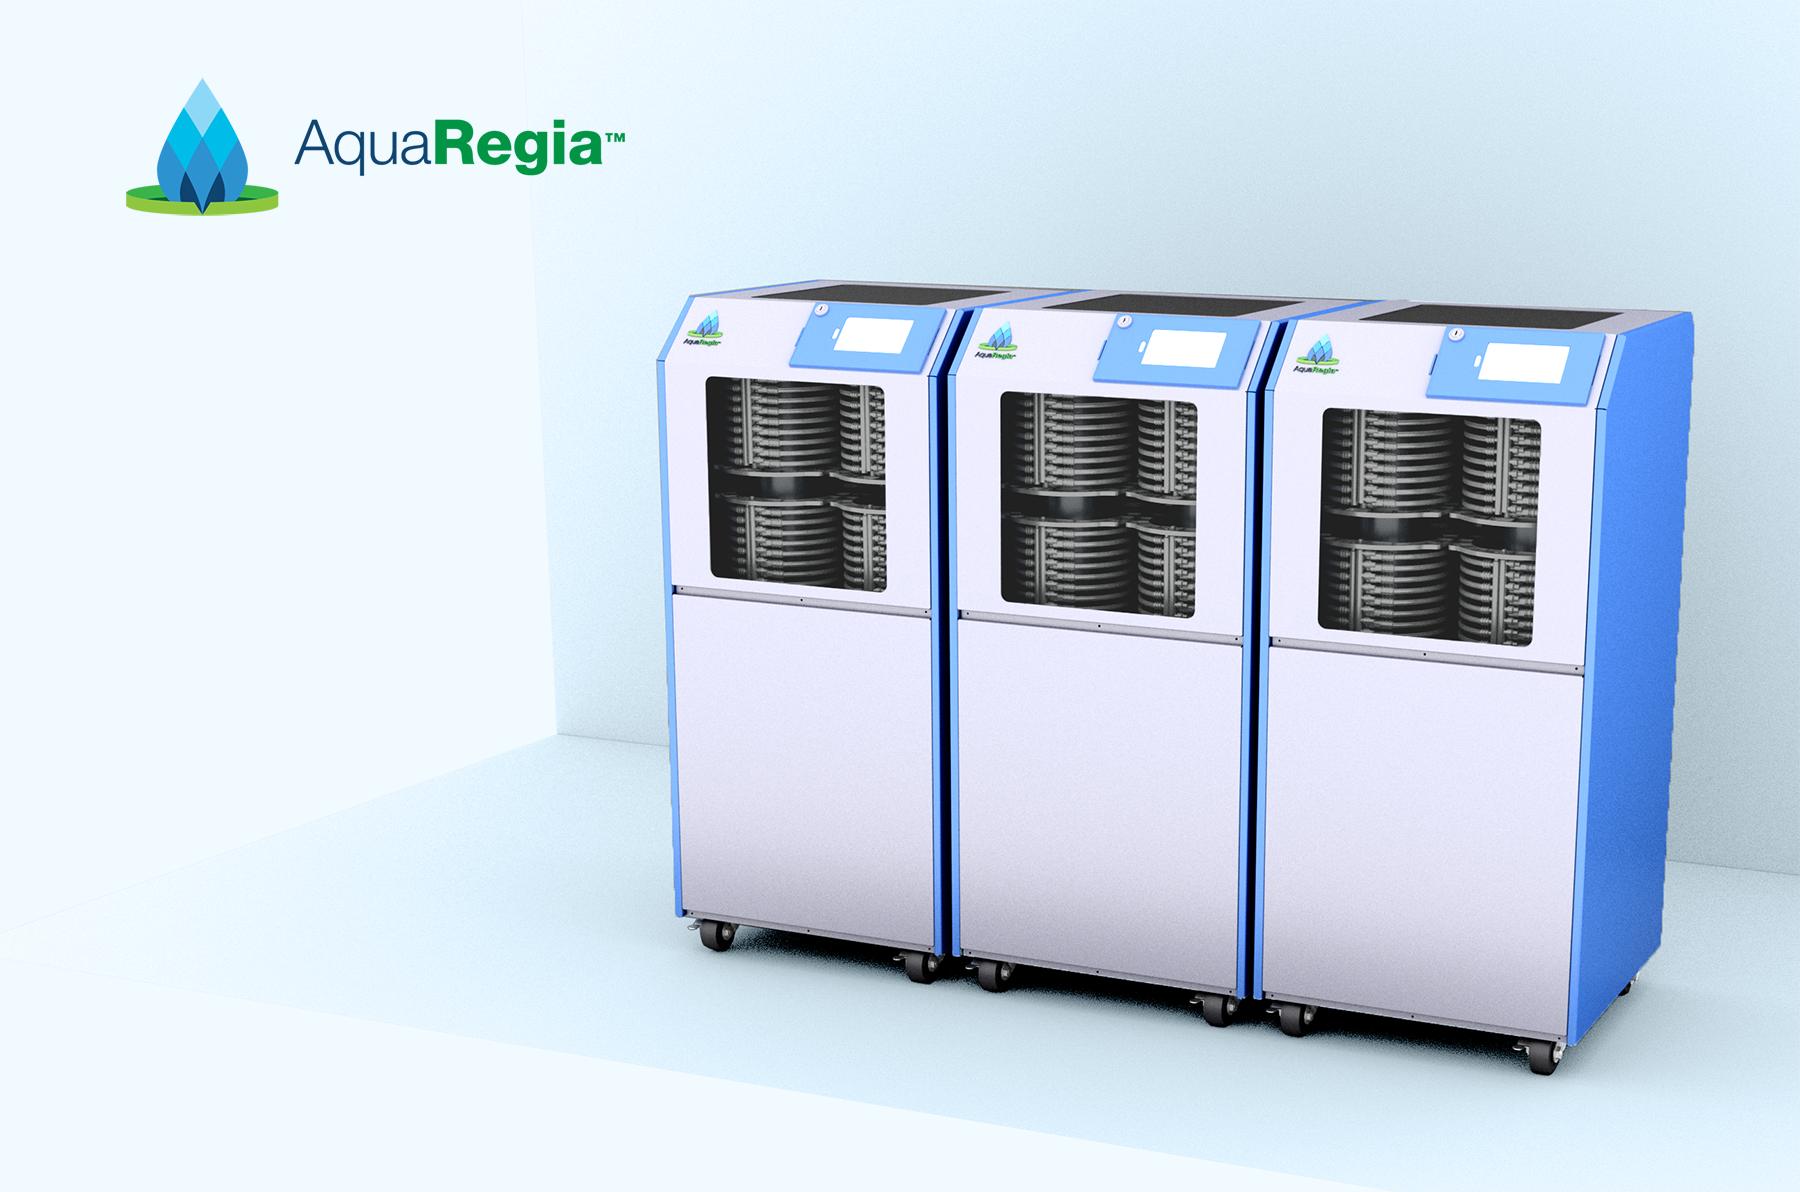 AquaRegia-Unit-slide-3.4-smalll.png